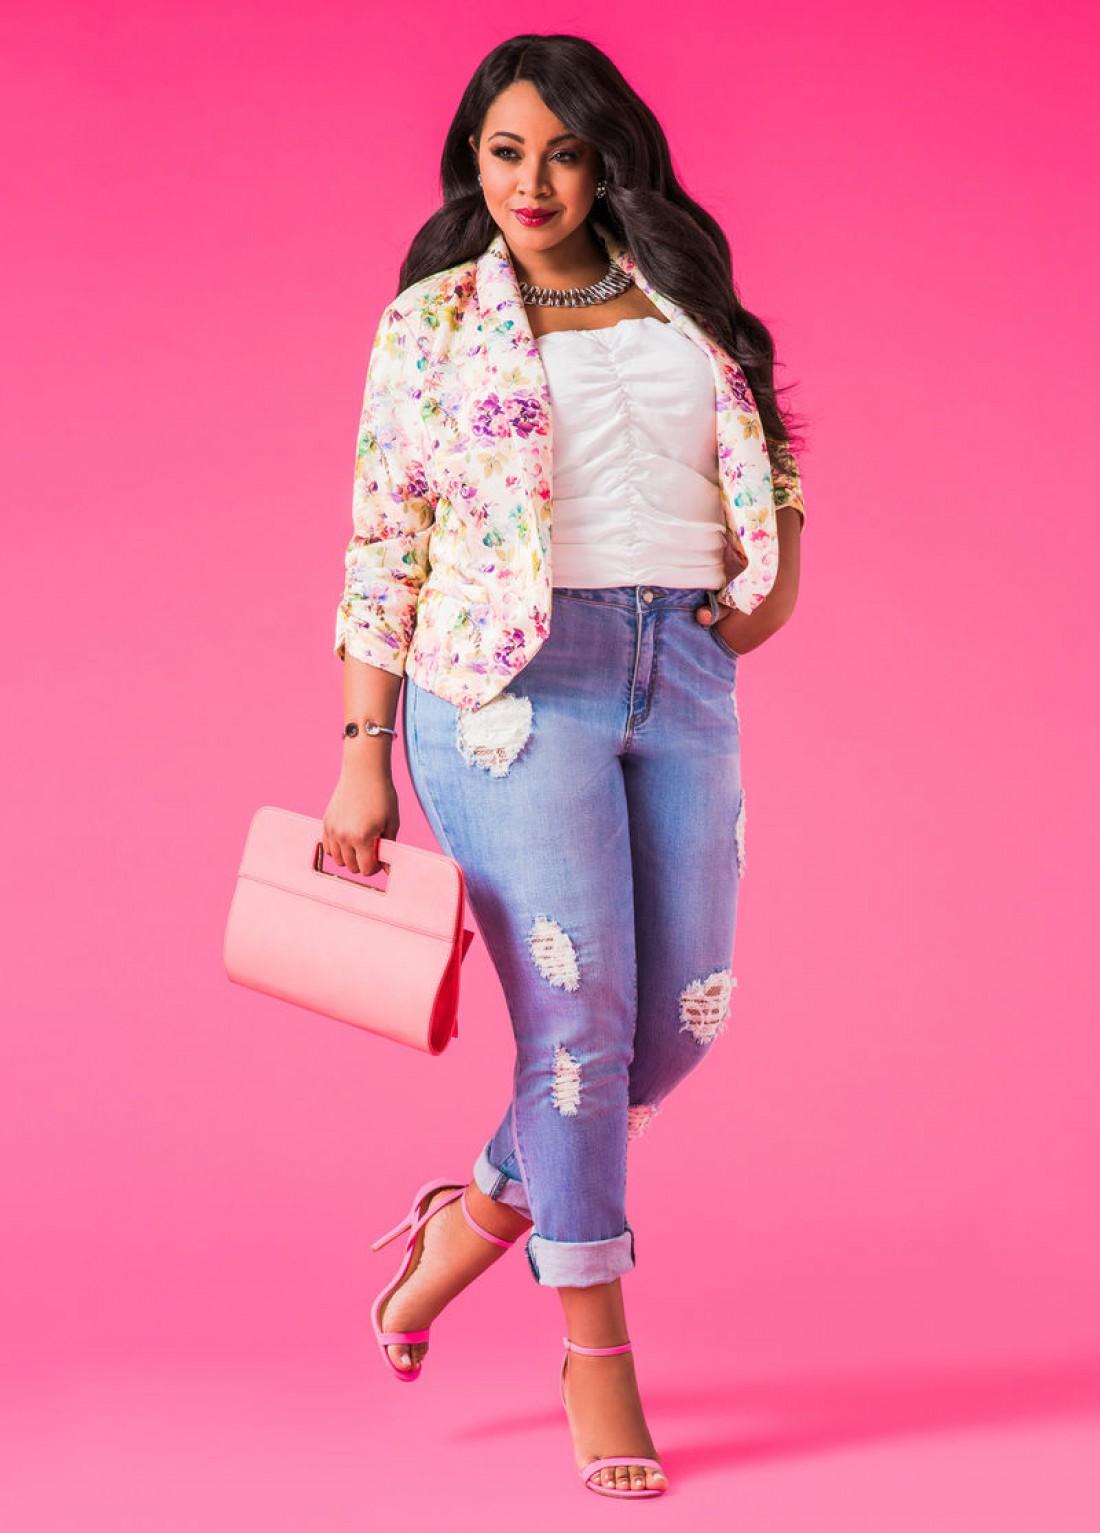 Мода для полных девушек: рваные джинсы